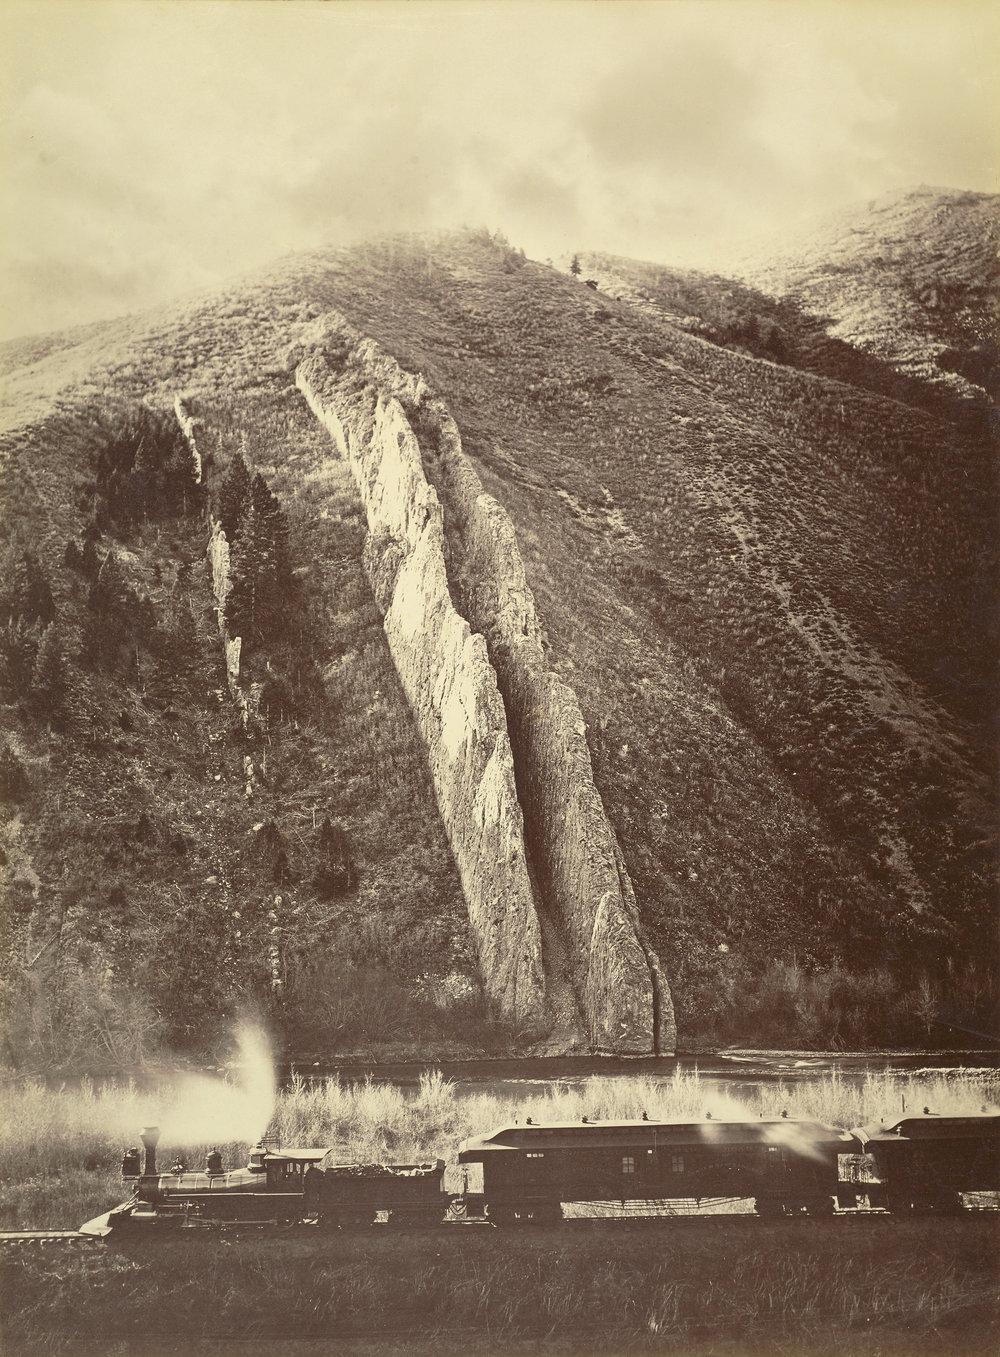 Carleton Watkins (American, 1829 - 1916)  [The Devil's Slide, Utah] , 1873 - 1874, Albumen silver print 52.1 × 39.1 cm (20 1/2 × 15 3/8 in.) The J. Paul Getty Museum, Los Angeles